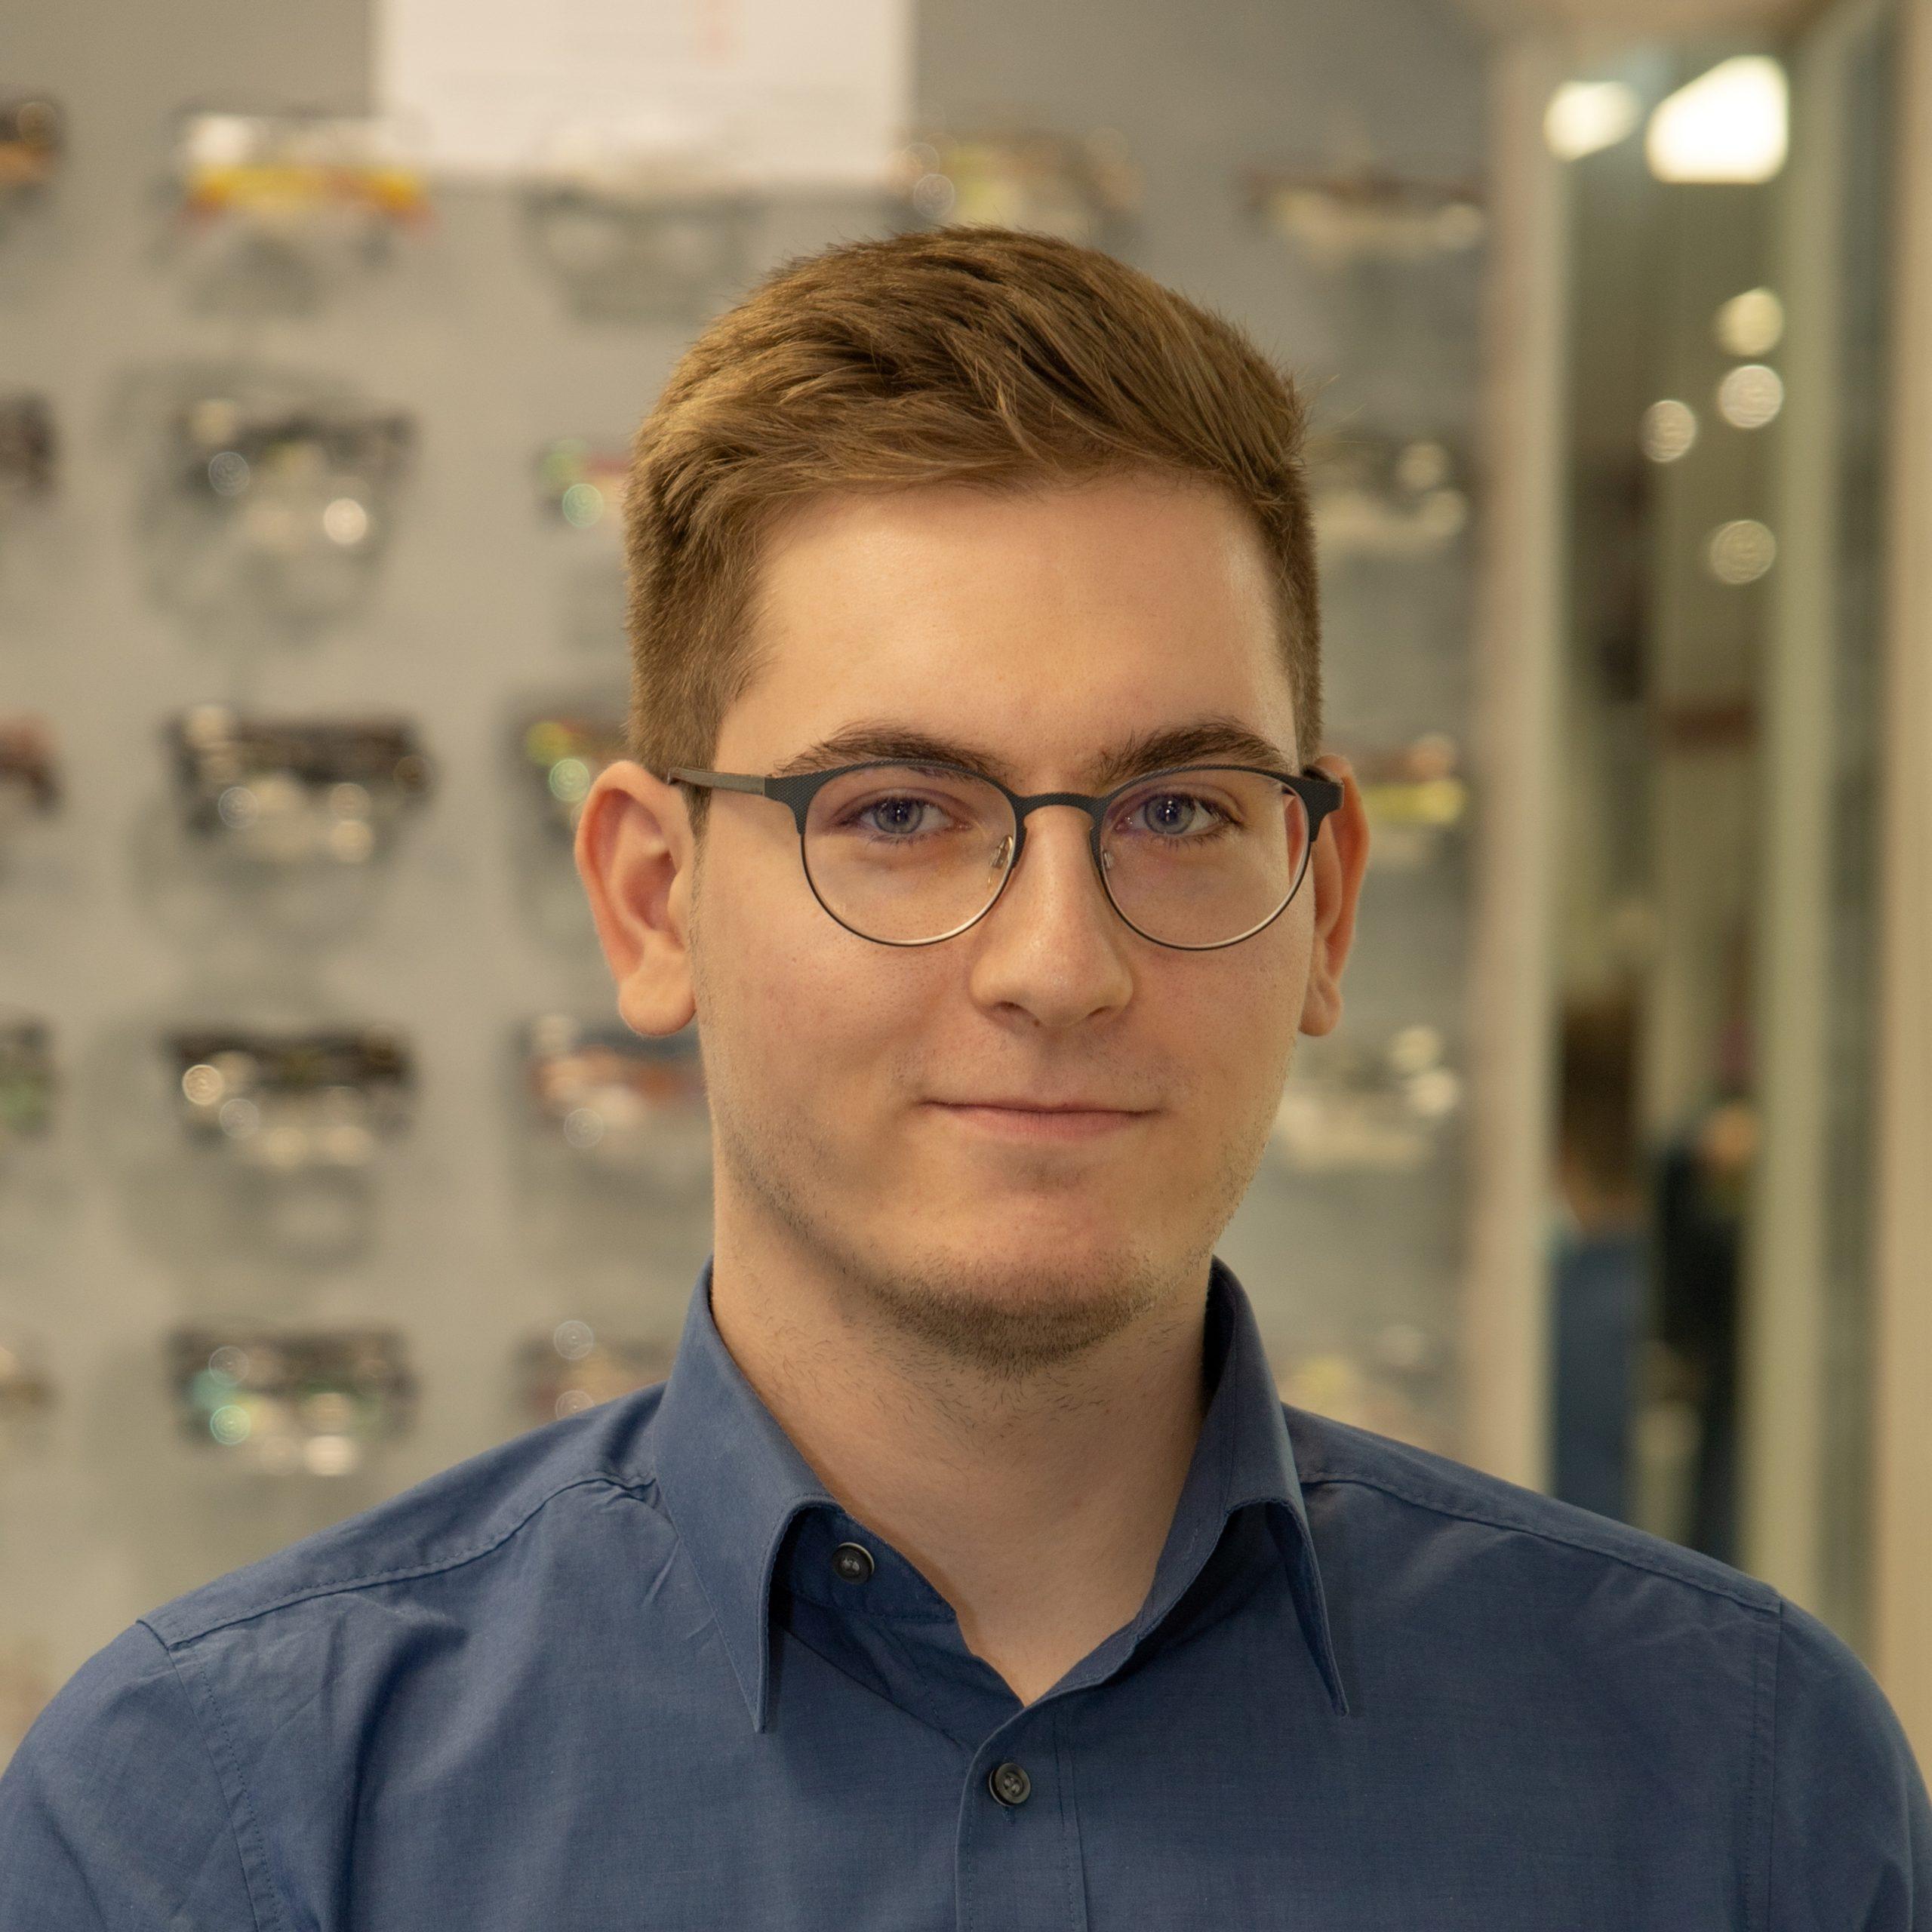 Alexander Möbius